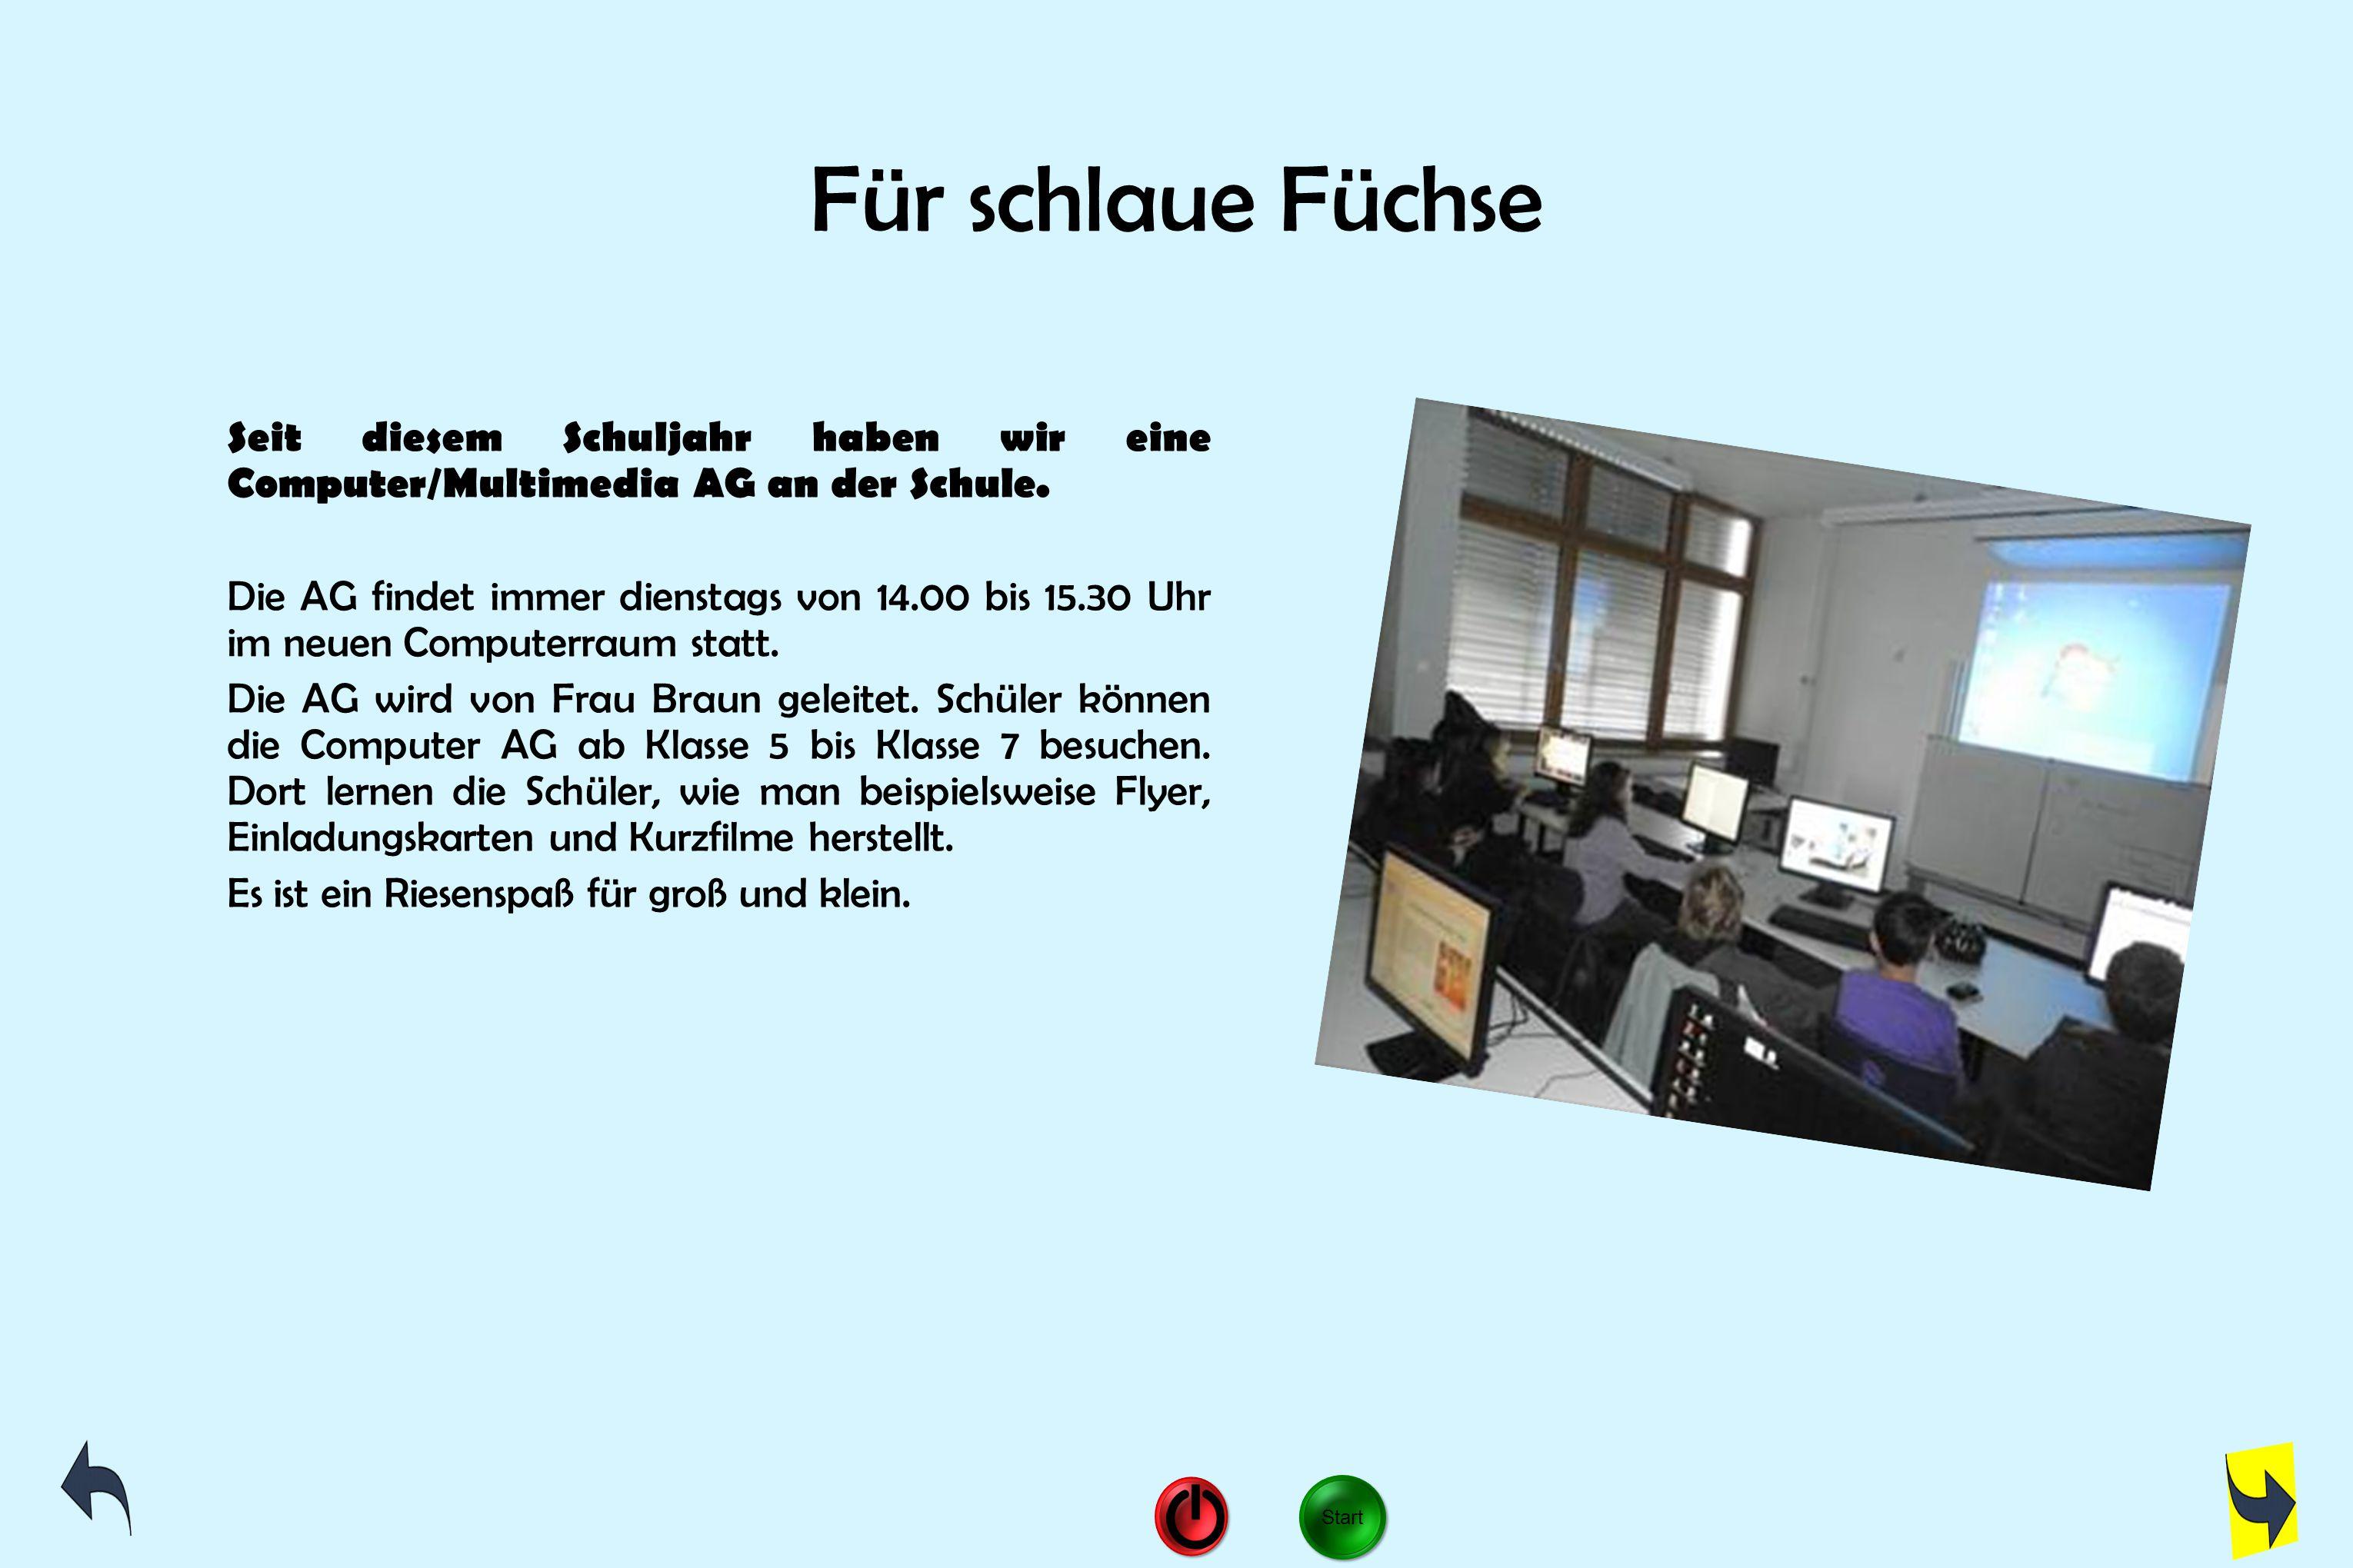 Für schlaue Füchse Seit diesem Schuljahr haben wir eine Computer/Multimedia AG an der Schule. Die AG findet immer dienstags von 14.00 bis 15.30 Uhr im